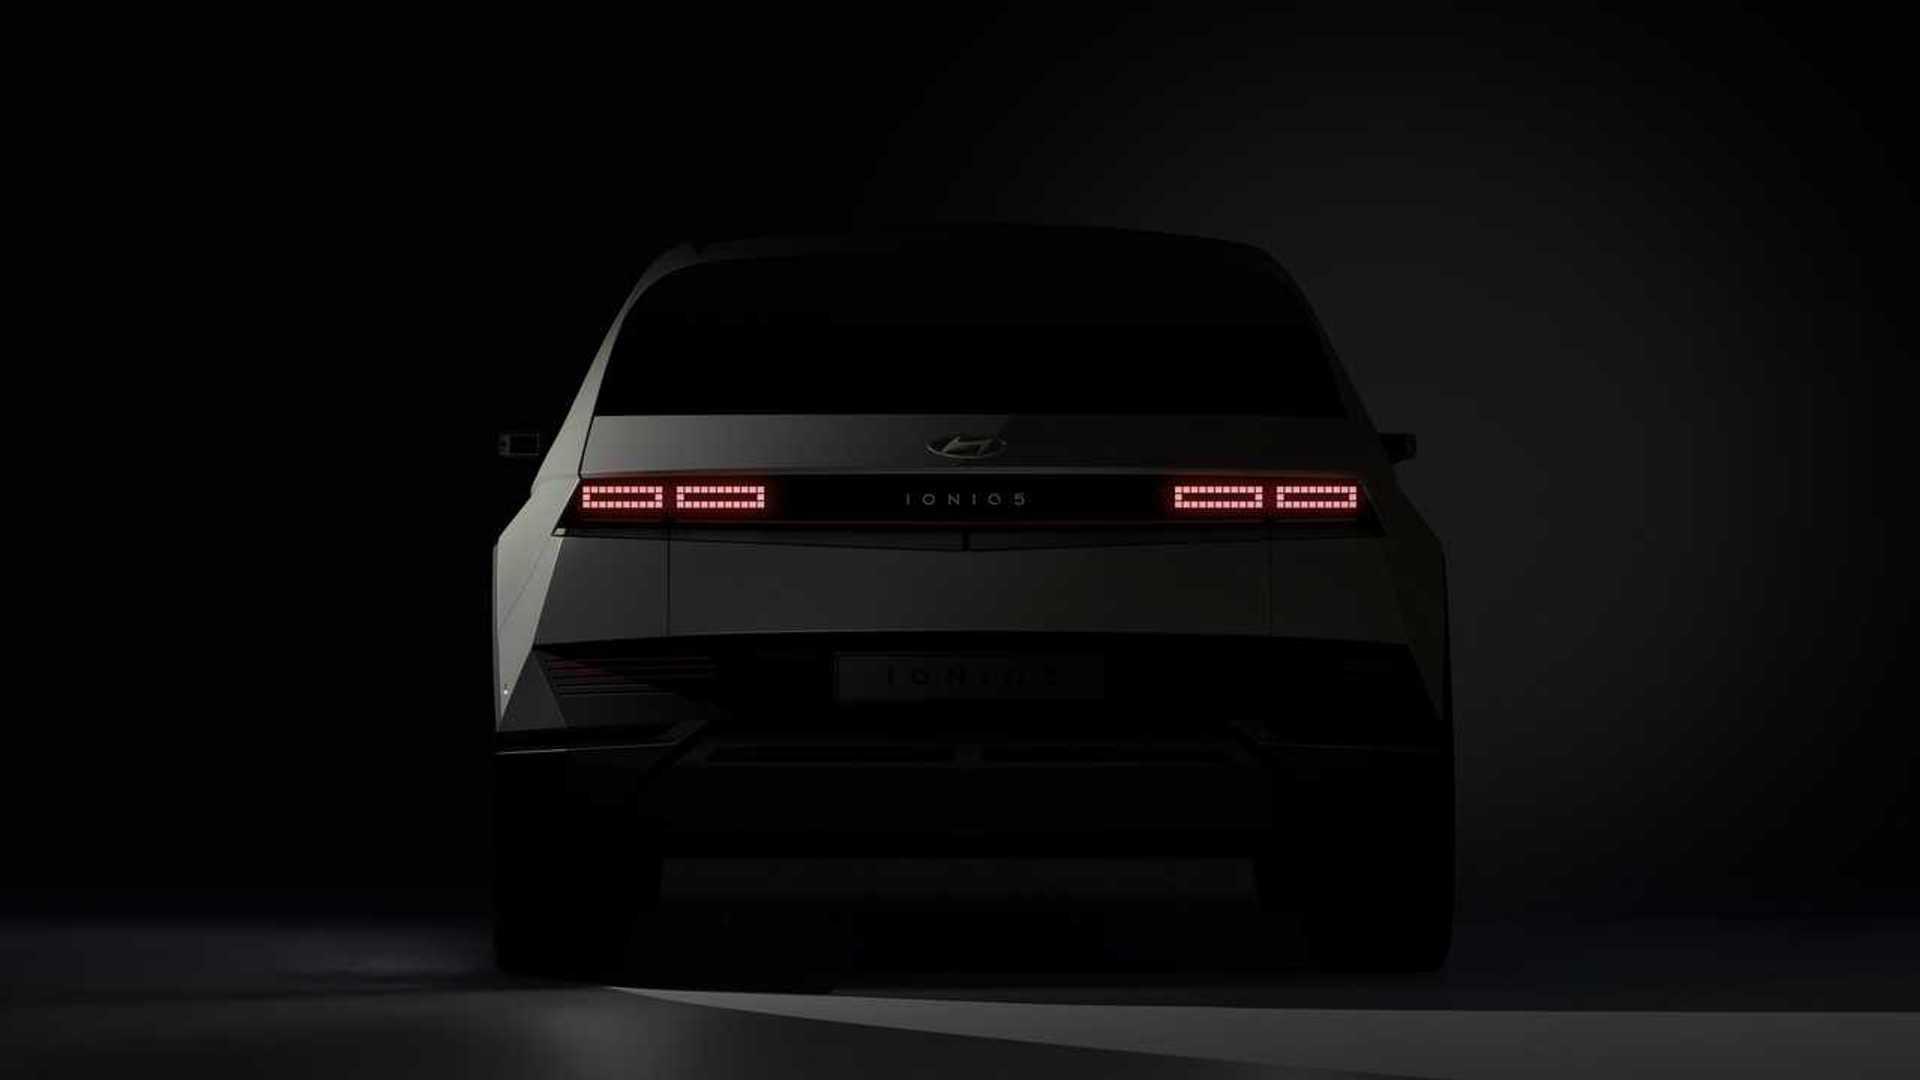 2022-hyundai-ioniq-5-teaser-rear-end.jpg